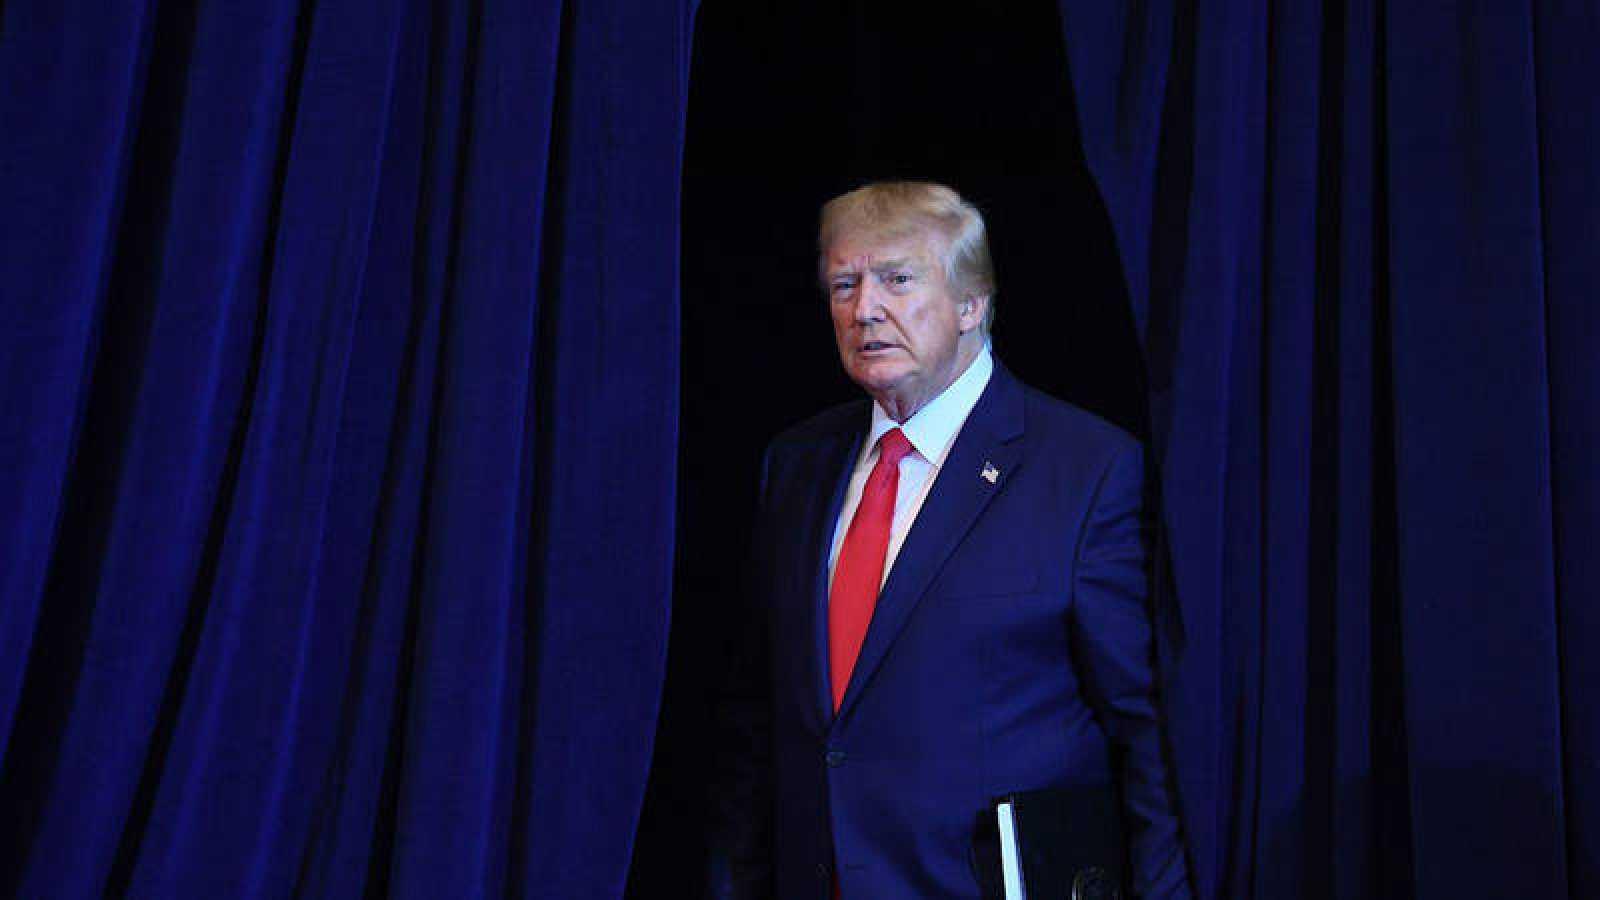 El denunciante del 'Ucraniagate' acusó a Trump de querer interferir en las elecciones